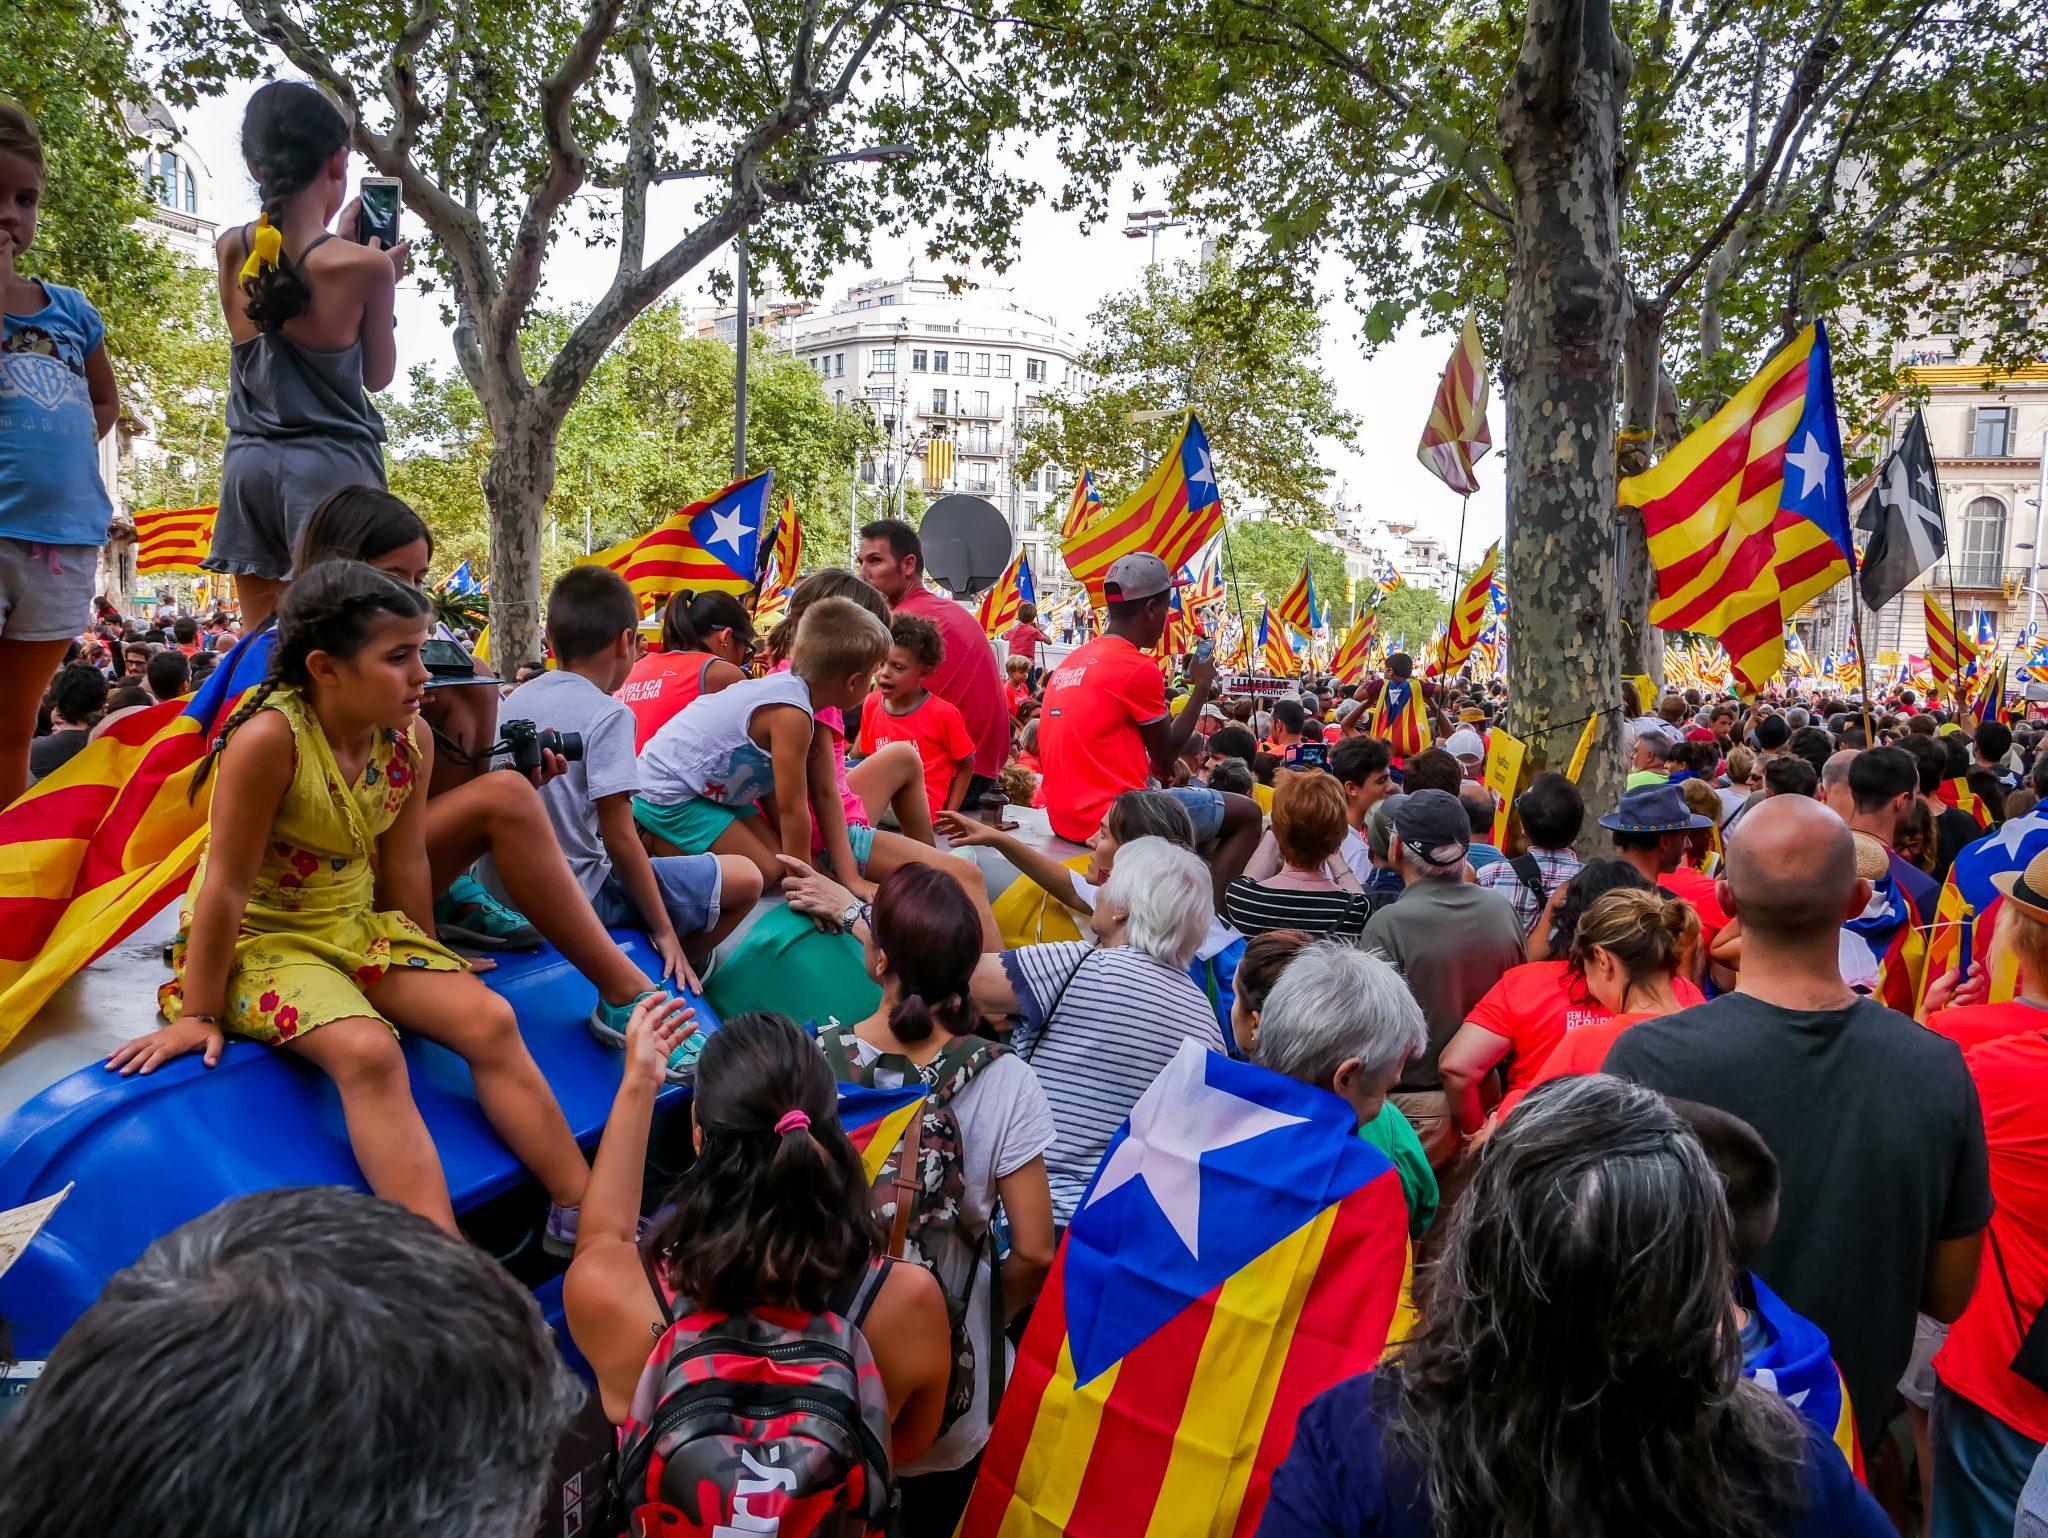 Ganze Familien haben an dem Feiertag in Katalonien teilgenommen. Die Kinder durften sich auf die riesen Müllcontainer stellen, damit sie besser sehen können, was in den Straßen von Barcelon passiert.